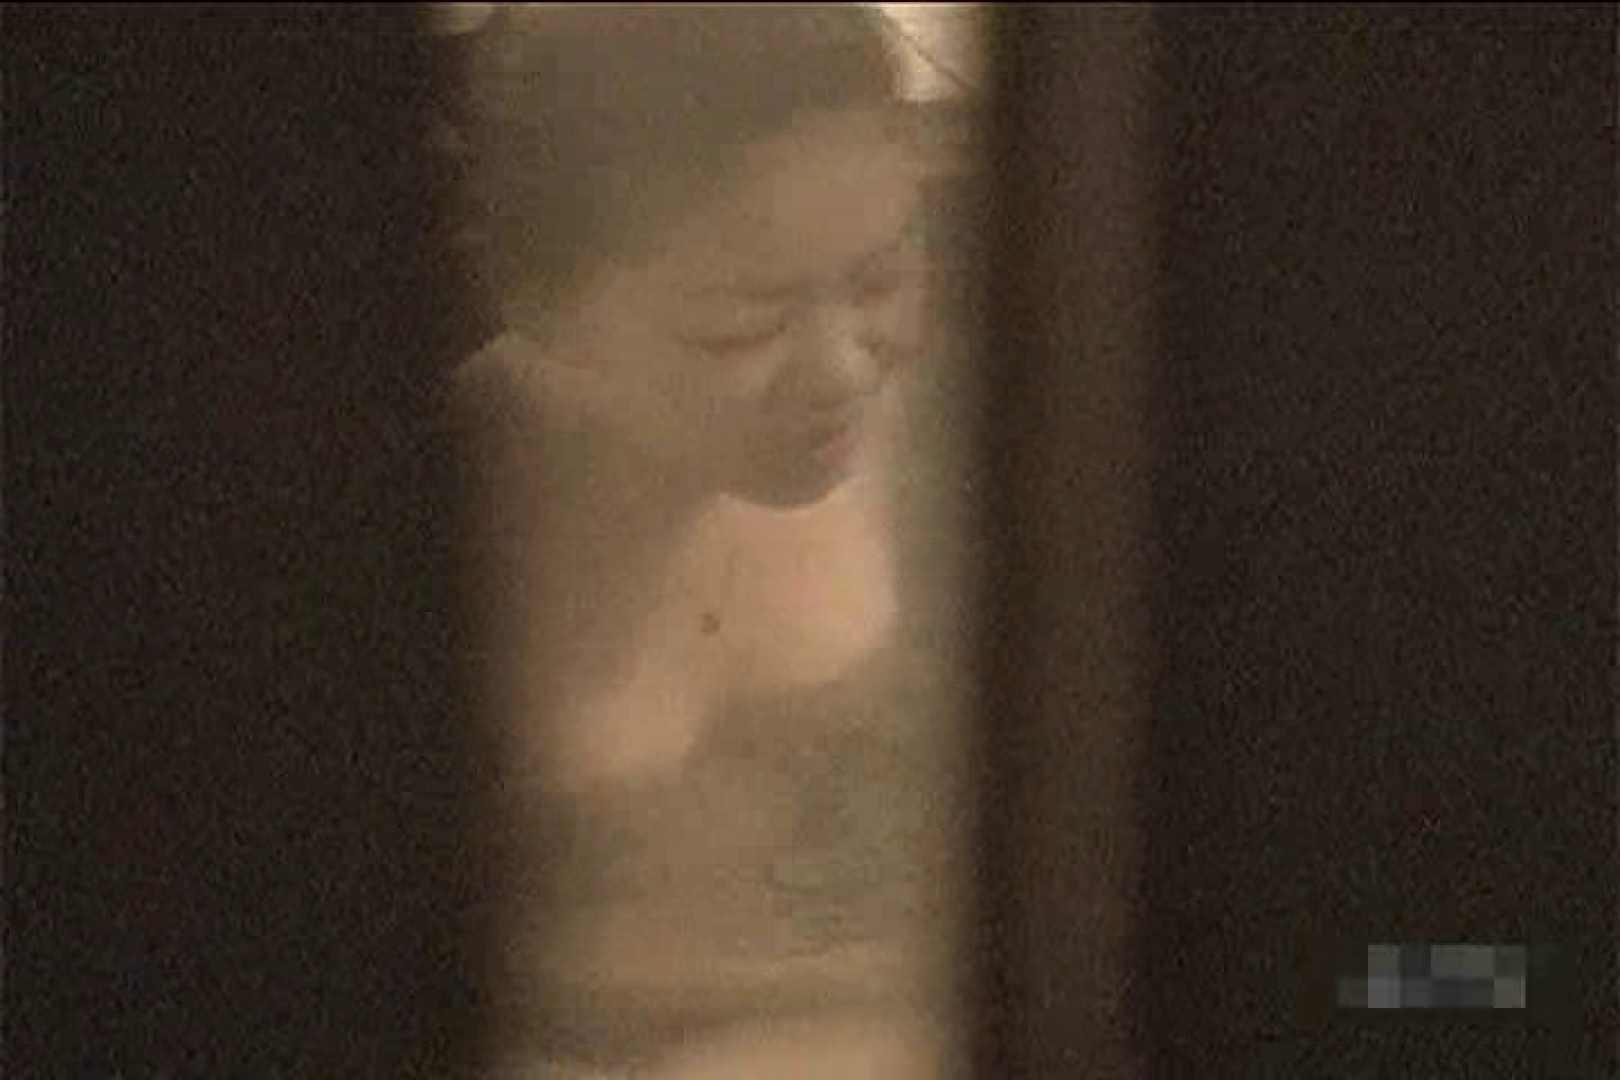 激撮ストーカー記録あなたのお宅拝見しますVol.8 独占盗撮 セックス無修正動画無料 110連発 82